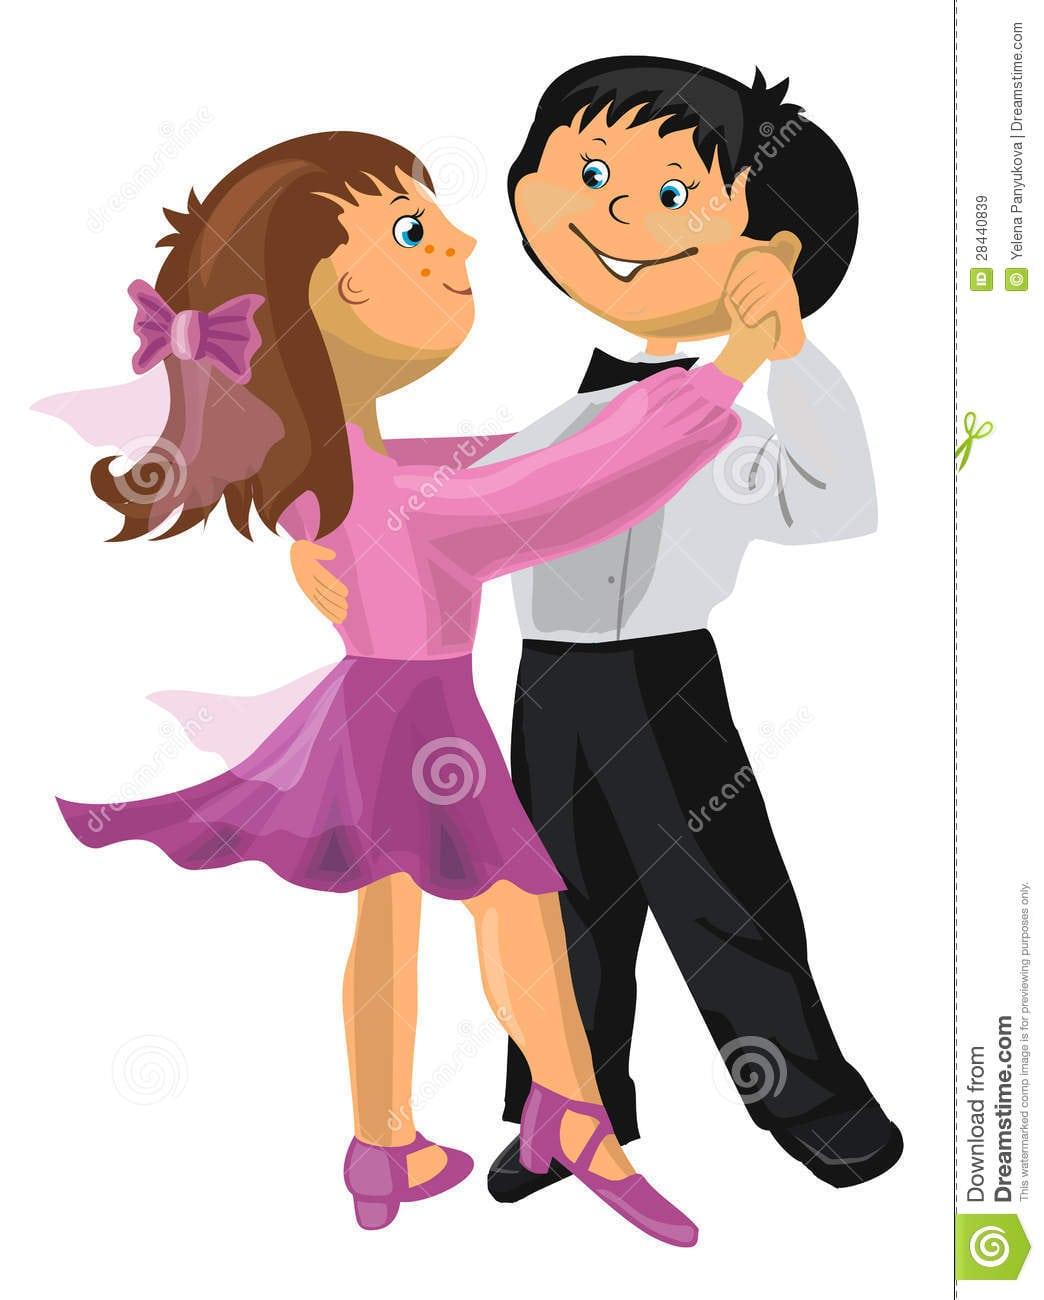 Dança Do Menino E Da Menina Dos Desenhos Animados Imagens De Stock